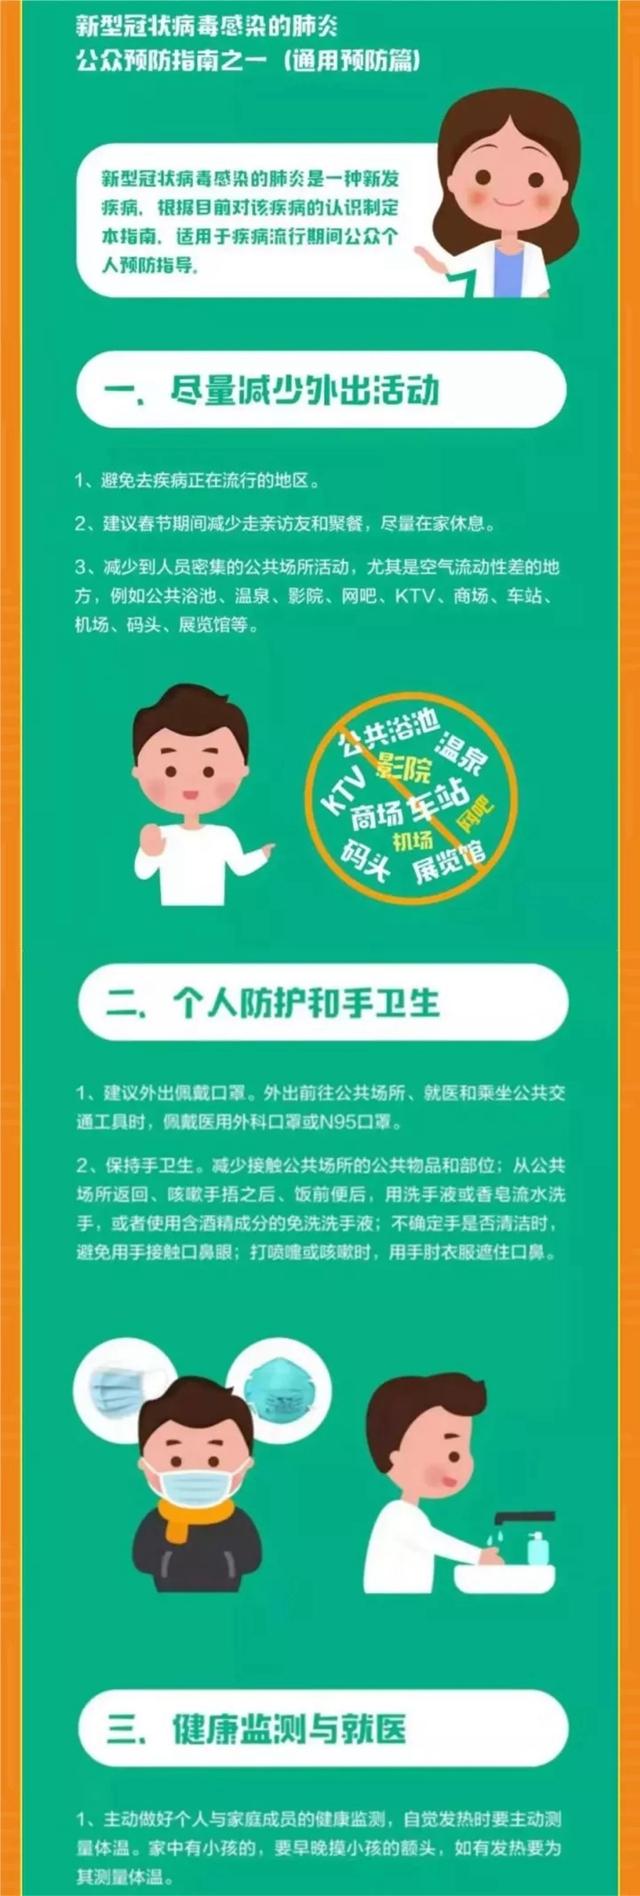 合景·启迪冰雪小镇宣传图文